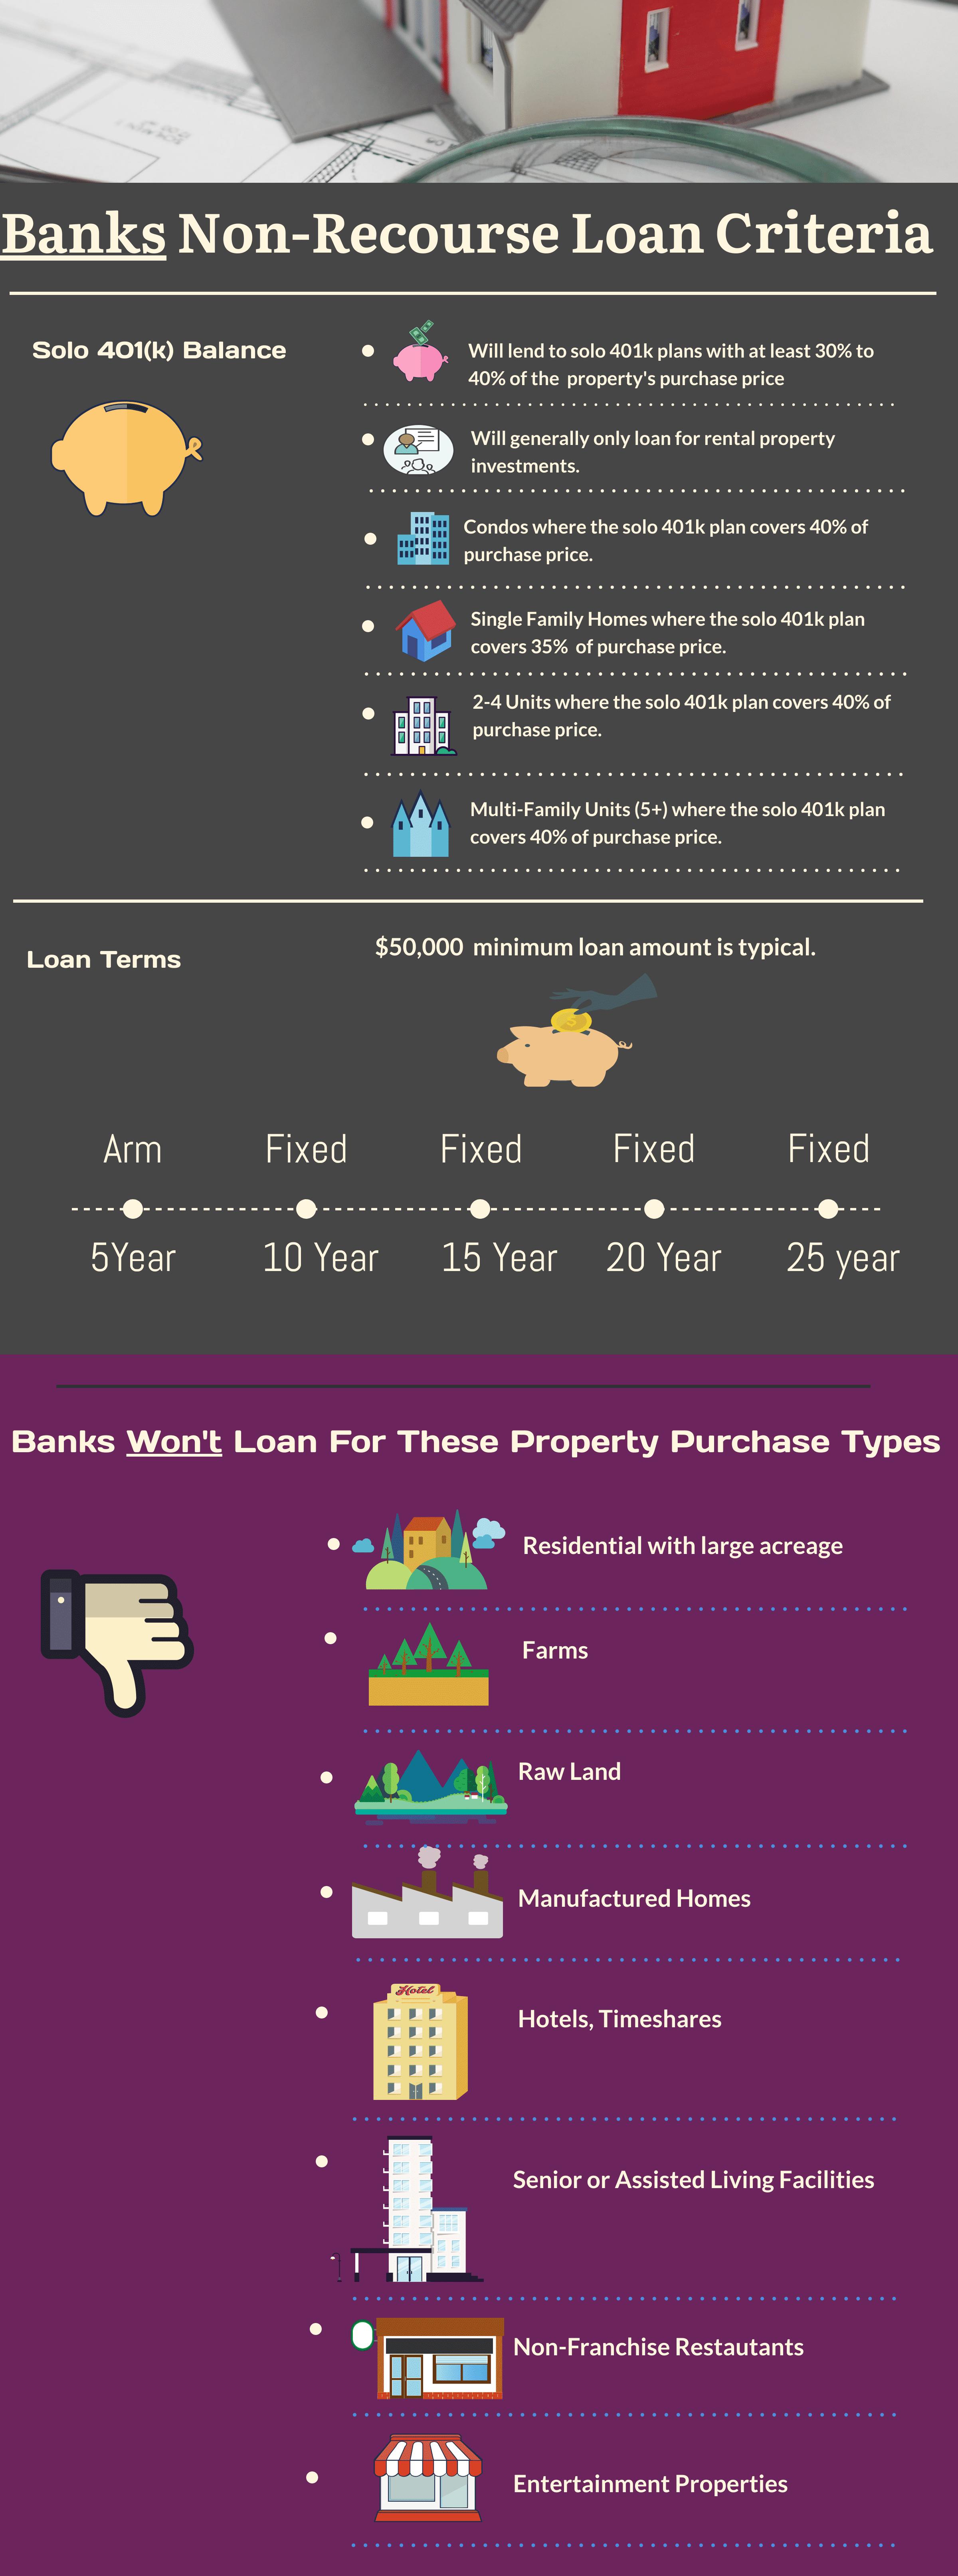 Debt Financing Solo 401k Bank Criteria